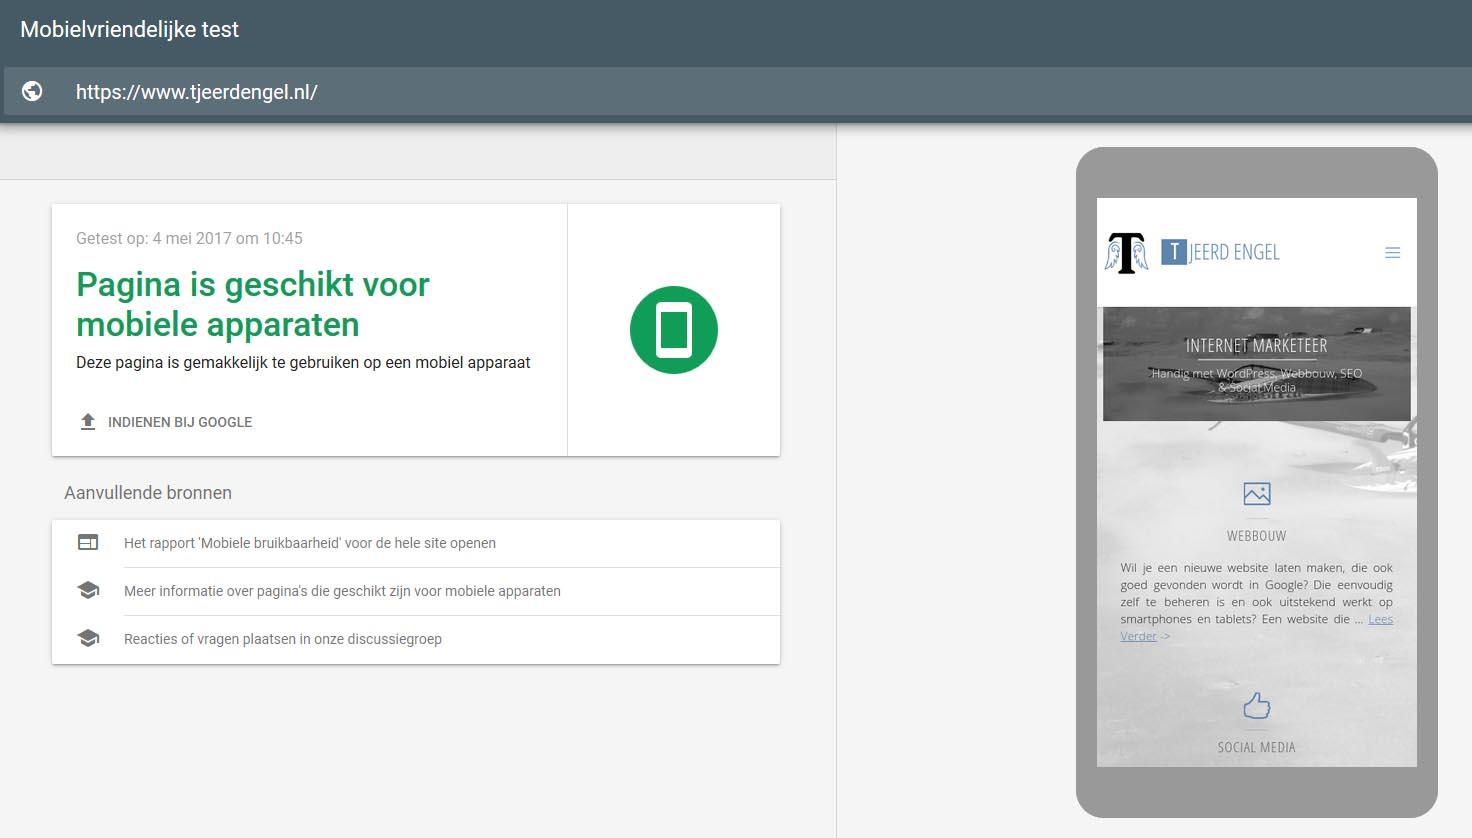 Website mobiel vriendelijk test